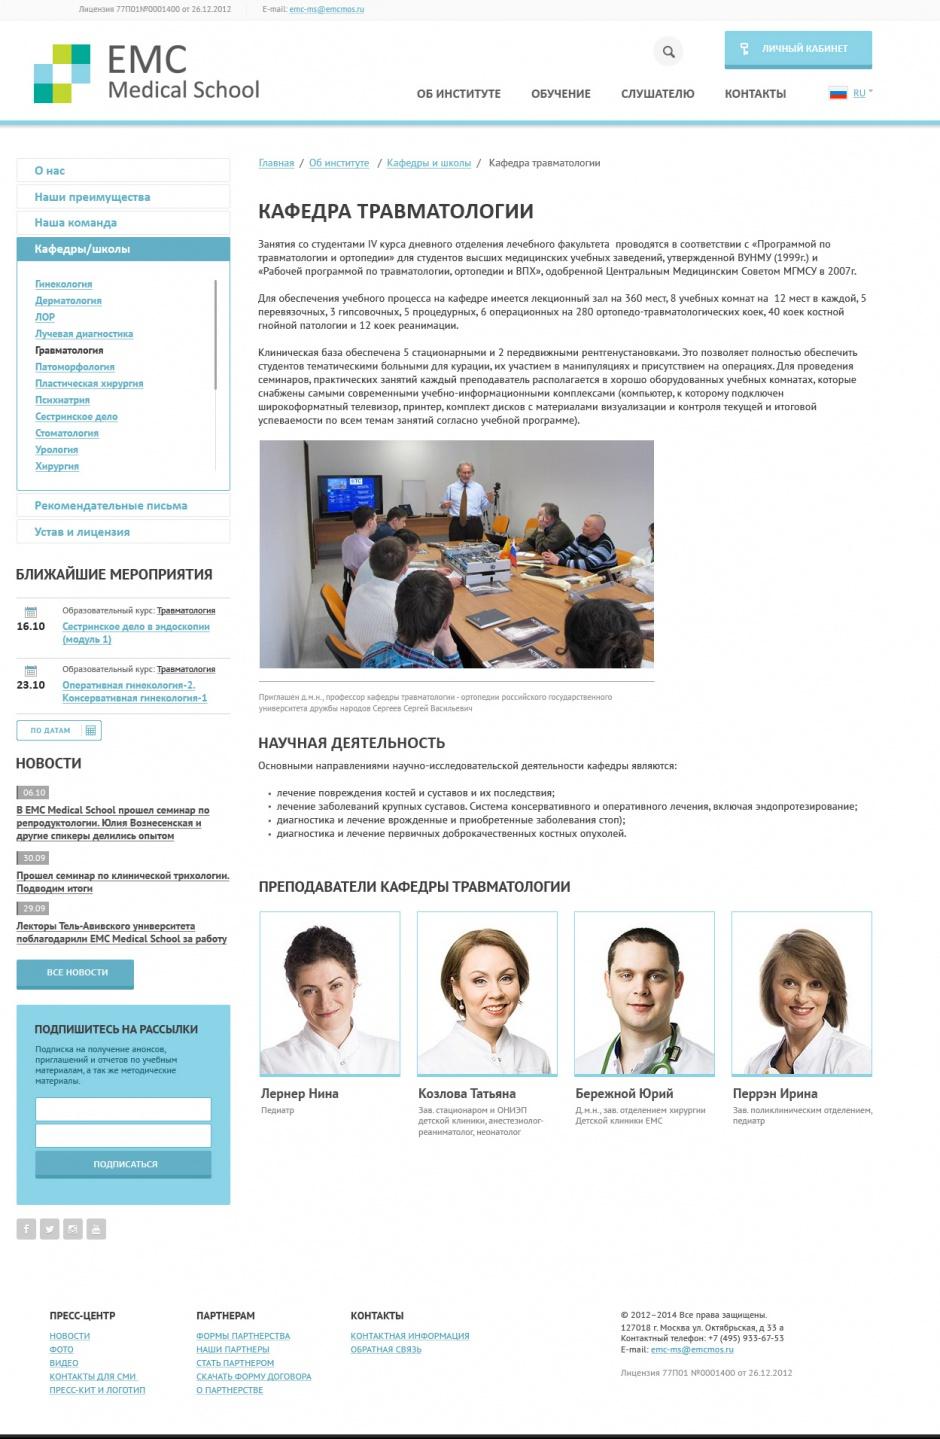 дизайн сайта EMC Medical School - внутренняя страница